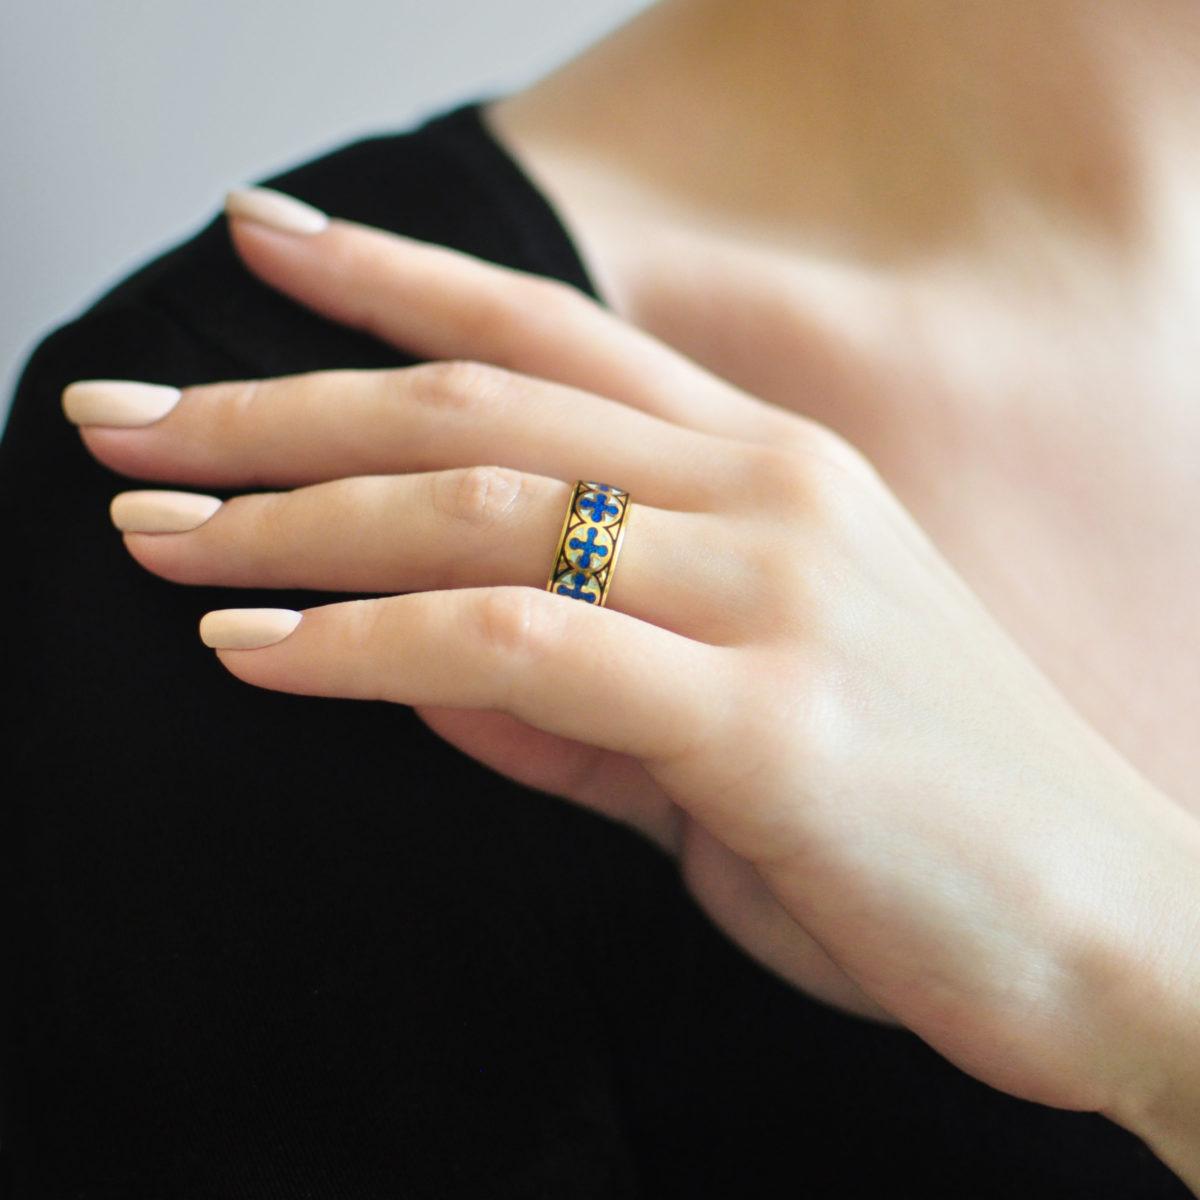 Zolochenie sinyaya 10 1200x1200 - Кольцо из серебра «Византийское» (золочение), синее